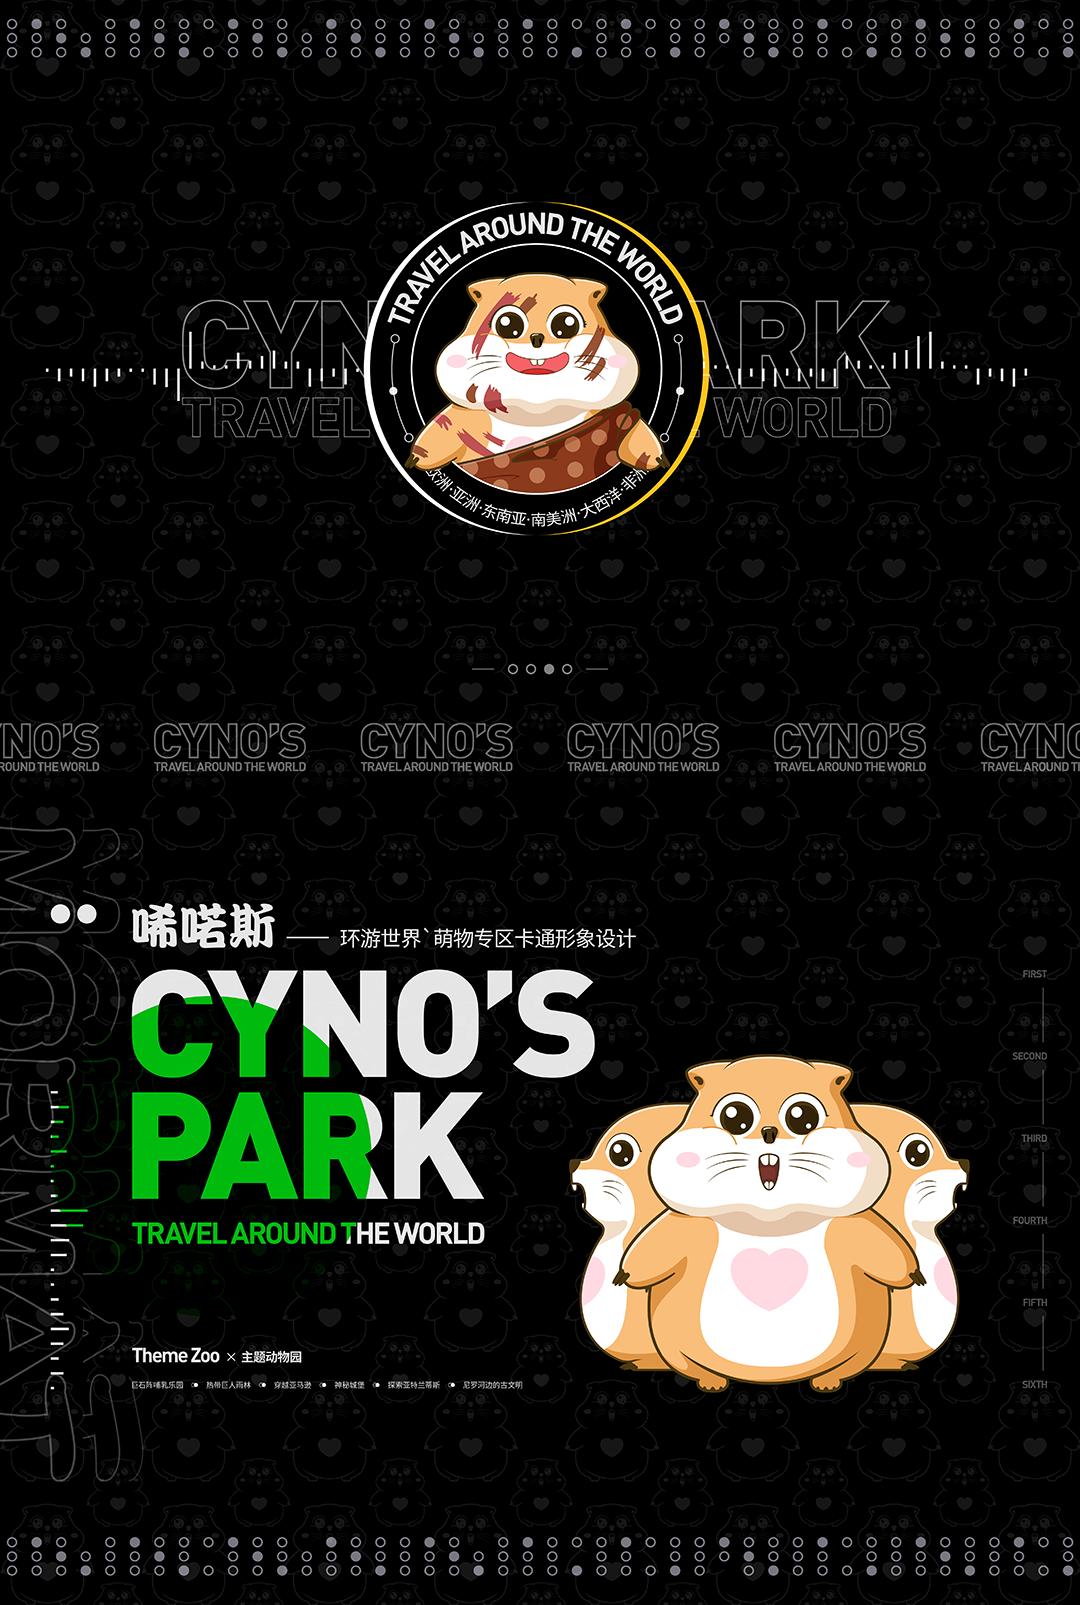 乌镇CYNO'S PARK唏喏斯主题动物园IP吉祥物设计